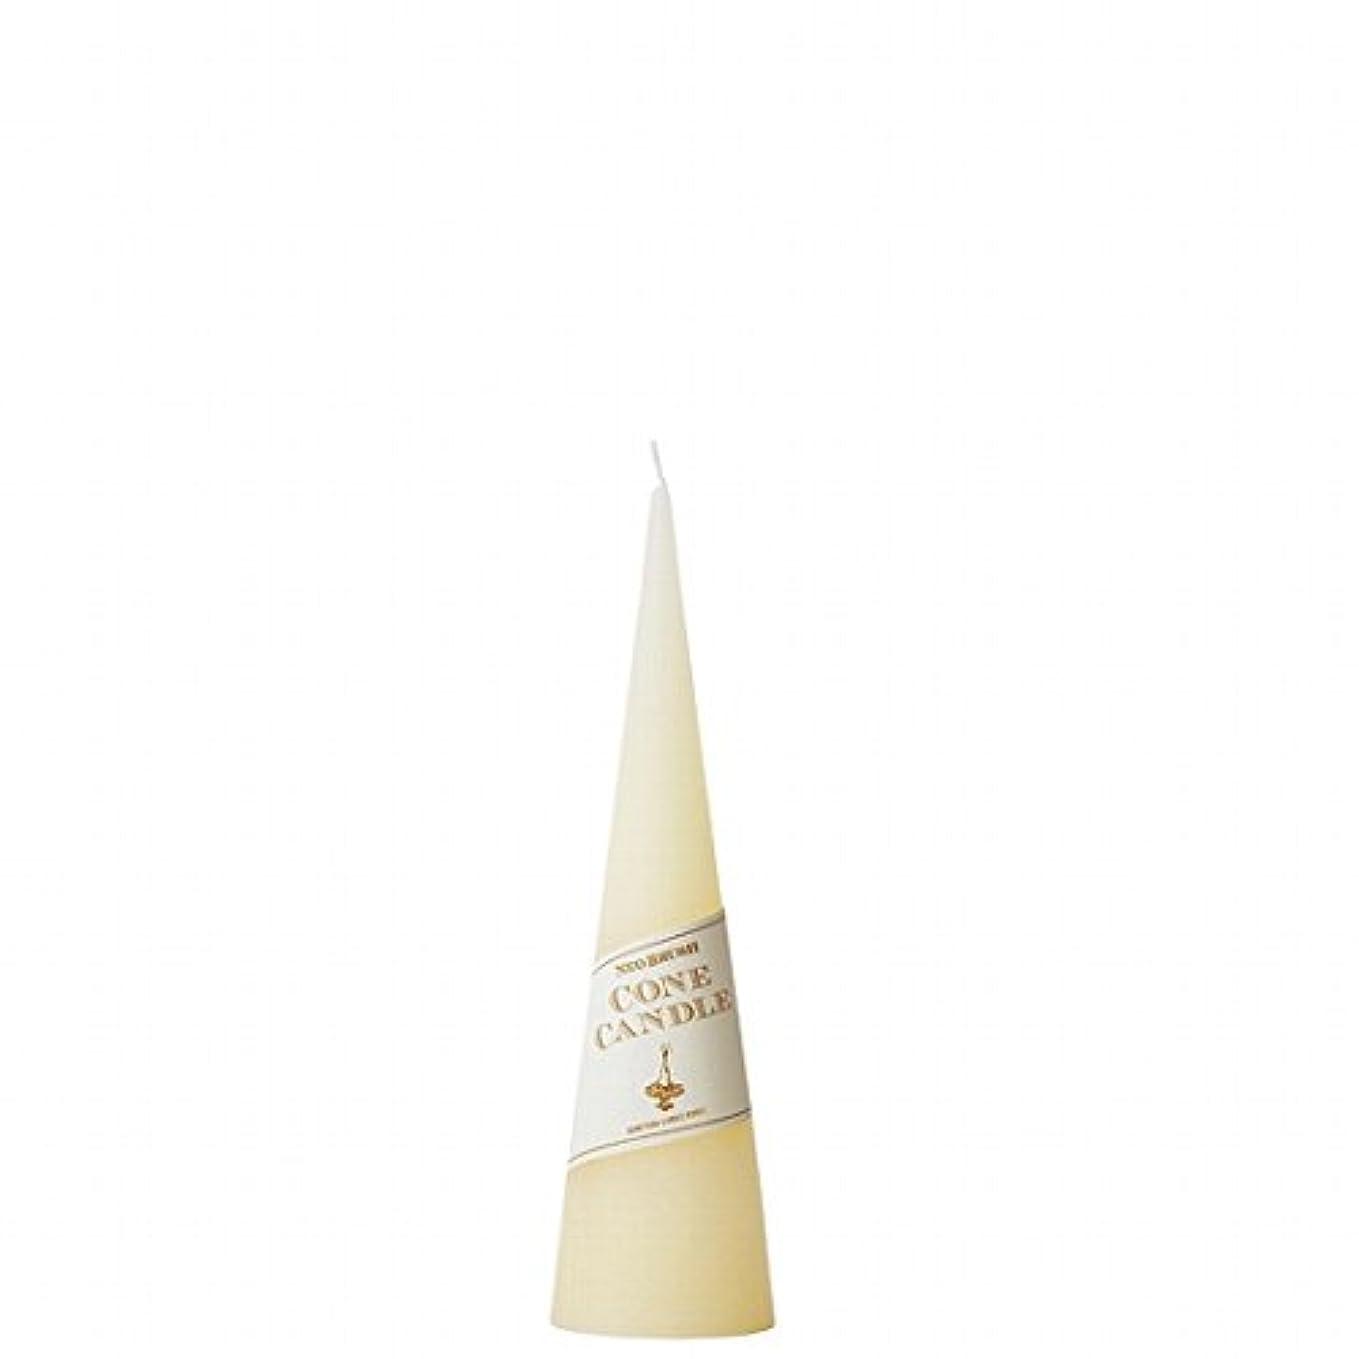 コンテンポラリー君主制つづりkameyama candle(カメヤマキャンドル) ネオブラッシュコーン 180 キャンドル 「 アイボリー 」(A9750010IV)